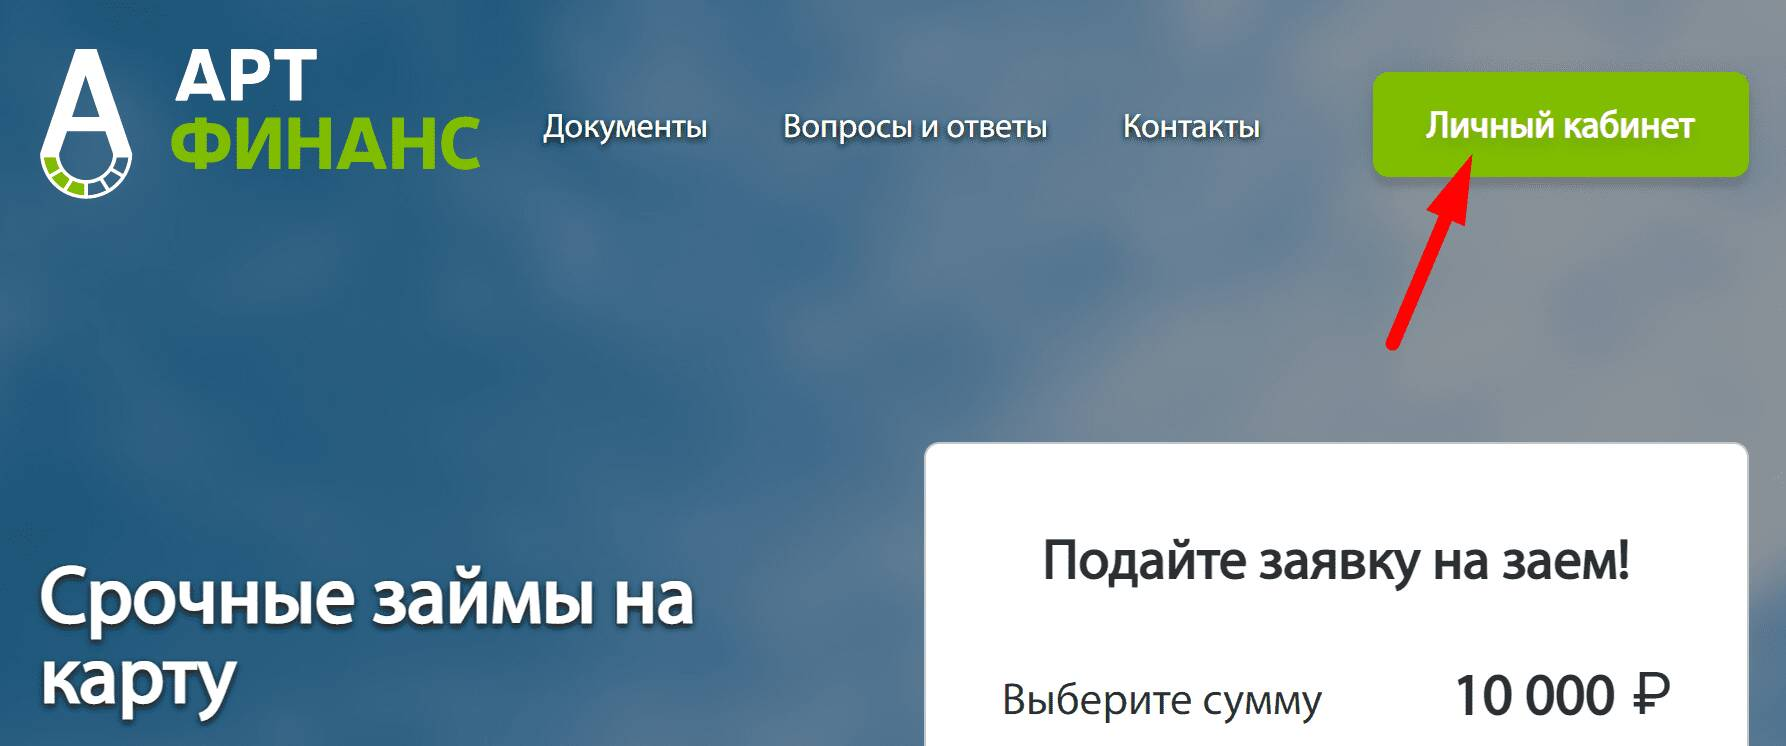 Официальный сайт займодателя «АРТ ФИНАНС»